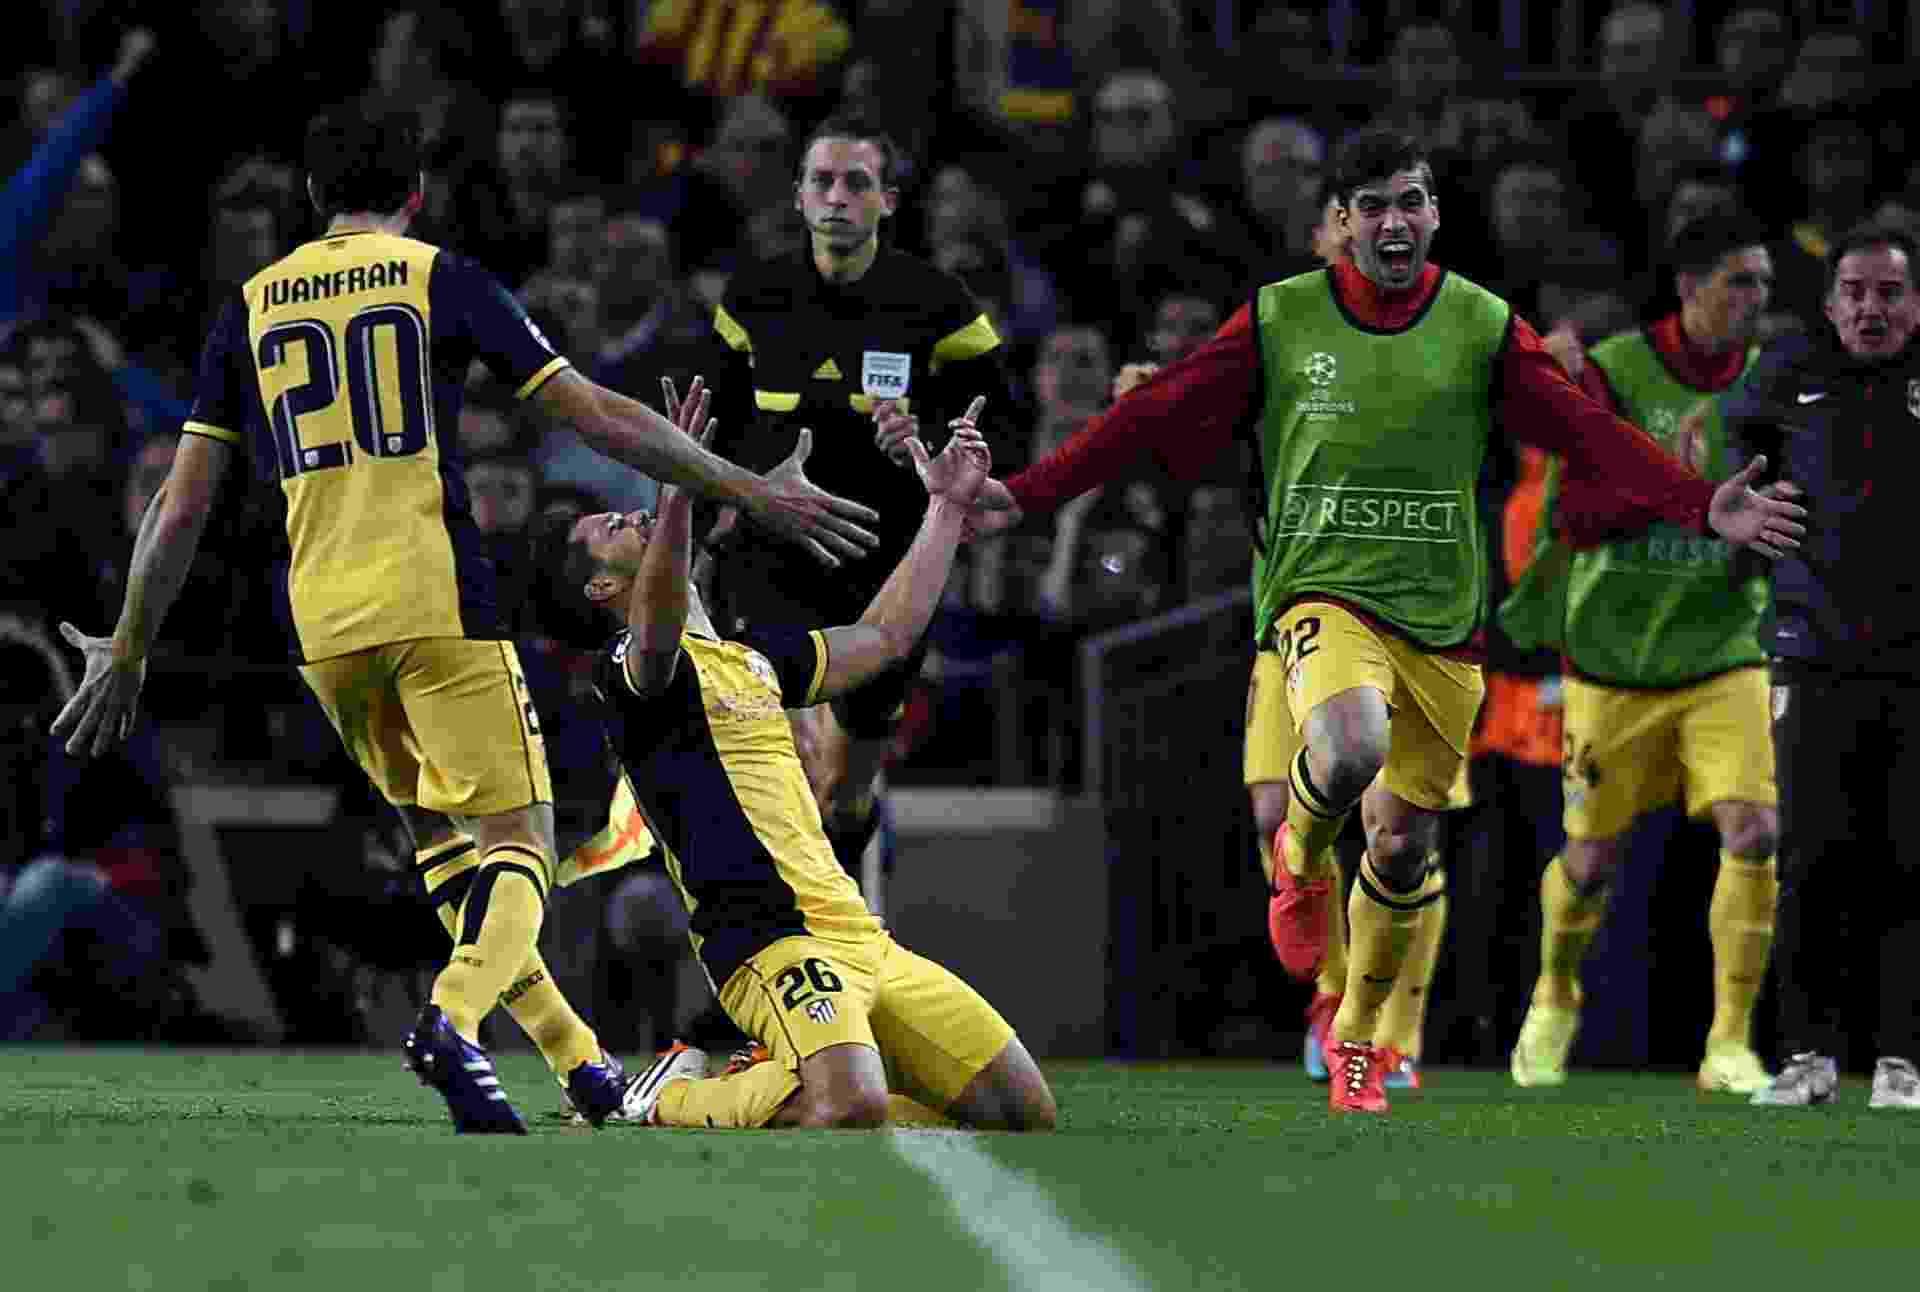 01.abr.2014 - Diego, meia do Atlético de Madri, comemora golaço sobre o Barcelona pela Liga dos Campeões - AFP PHOTO/ LLUIS GENE